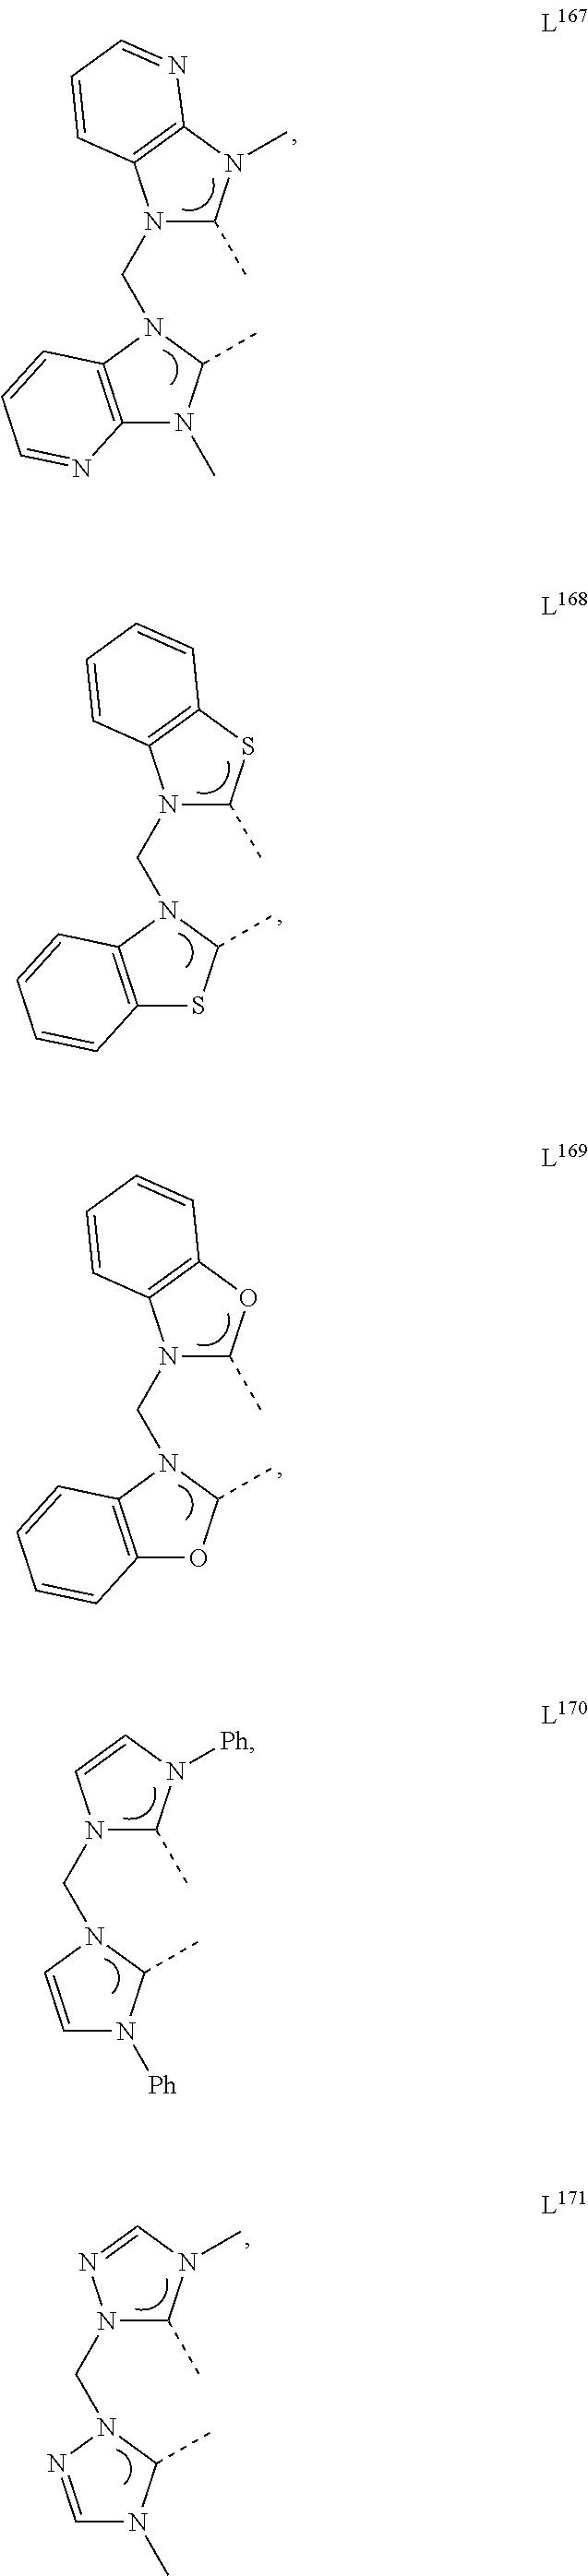 Figure US09306179-20160405-C00019